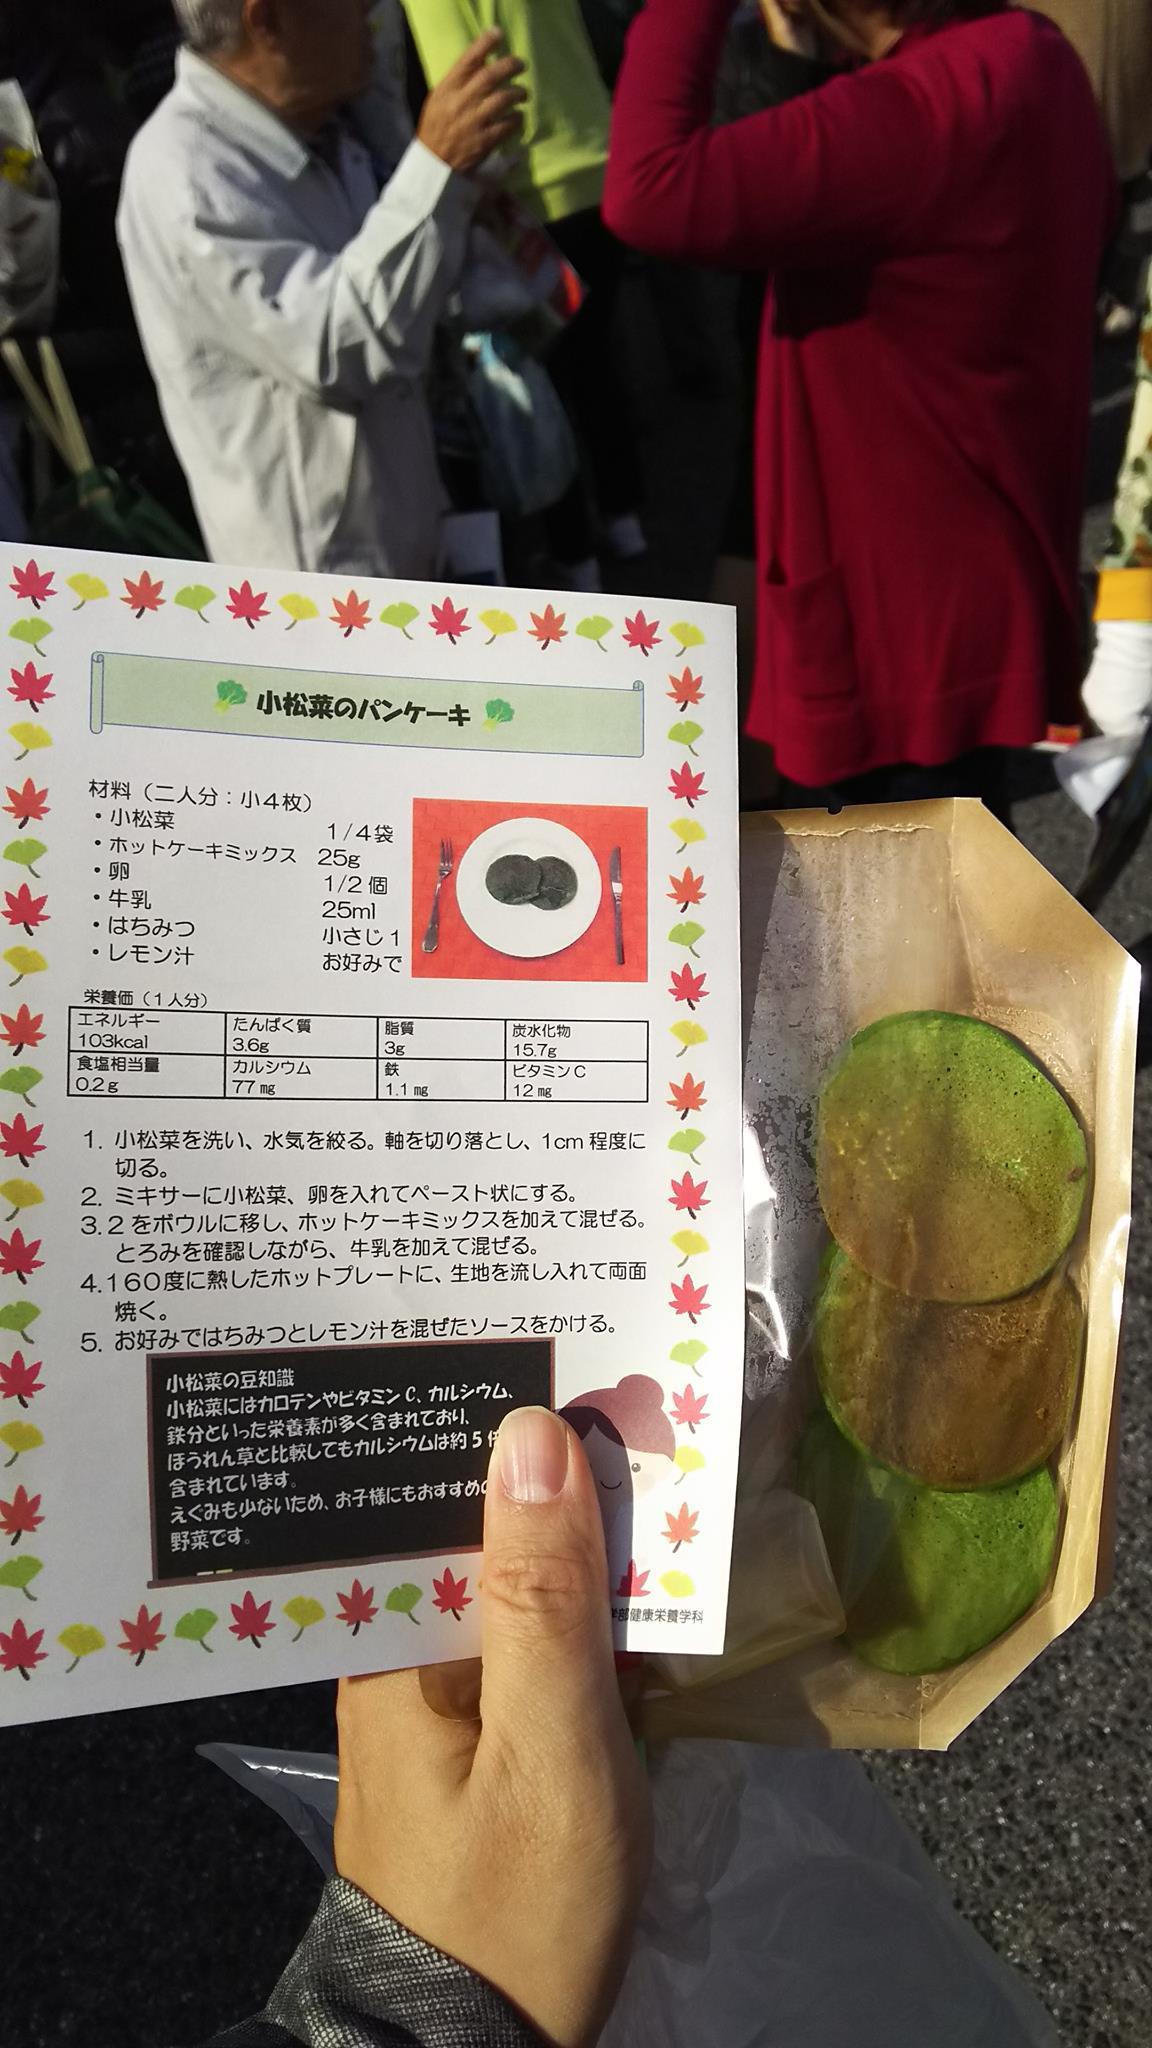 安佐南区民まつり・農業祭開催_e0094315_13274381.jpg